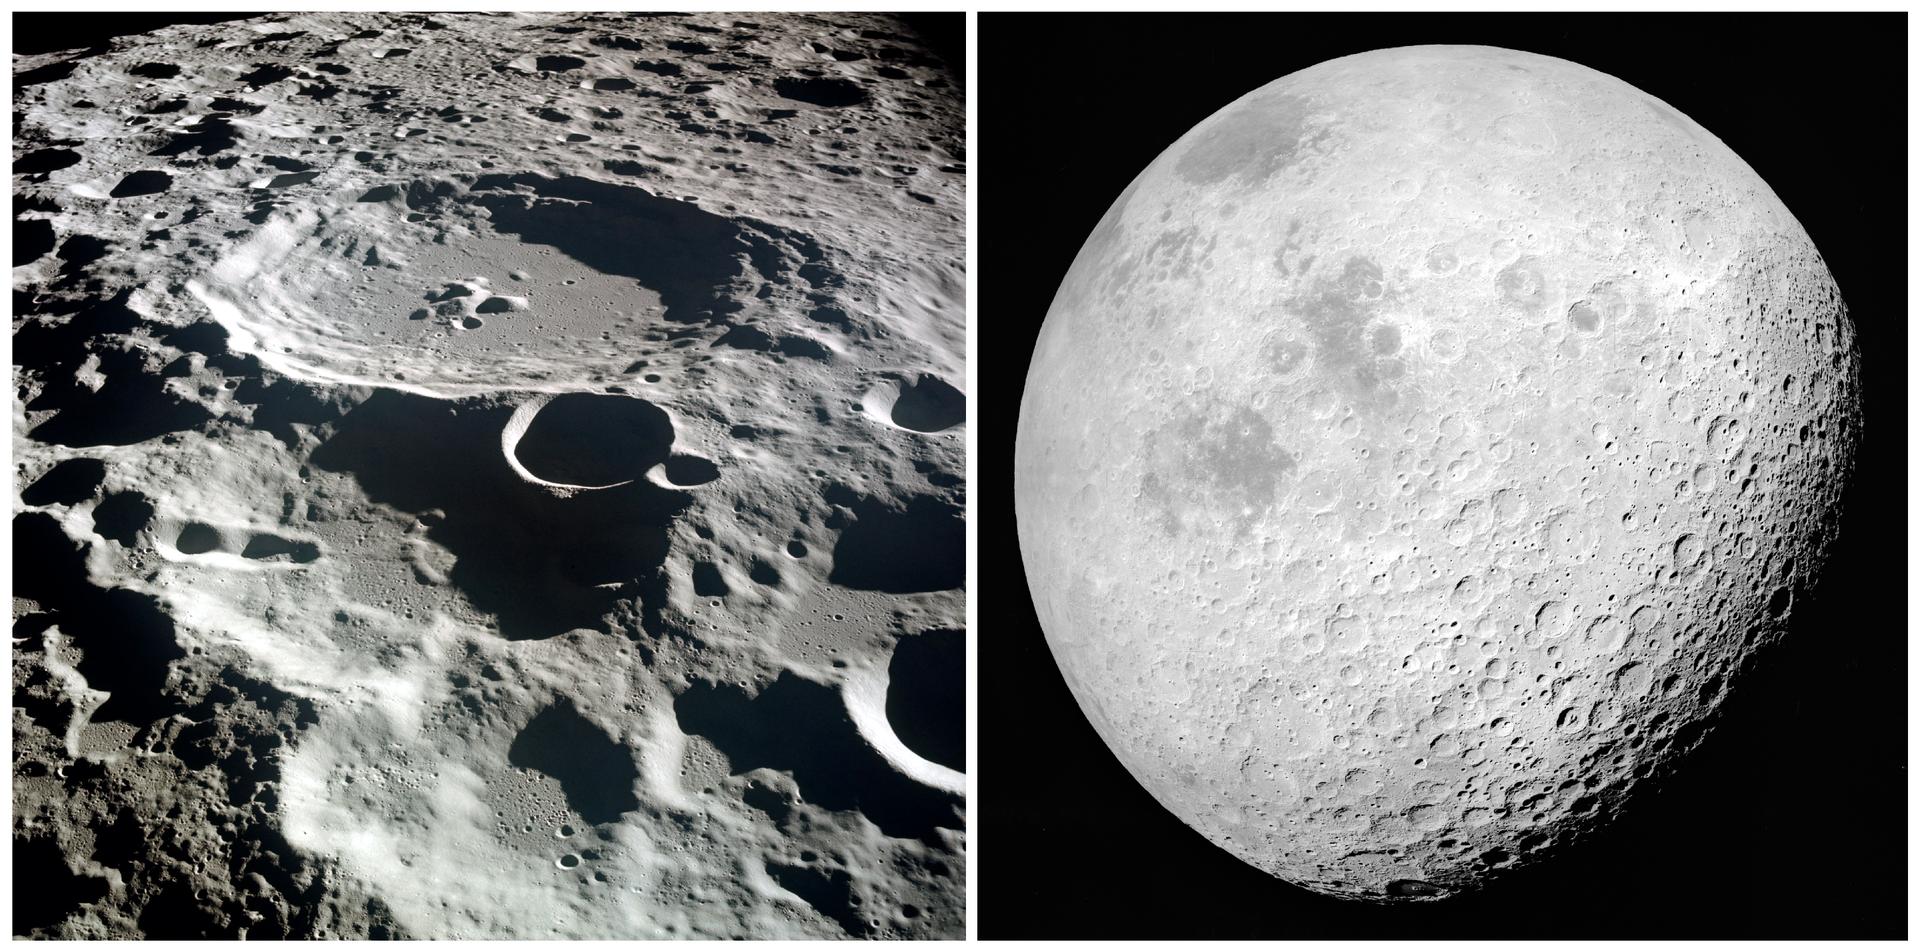 Ilustracja przedstawia dwa zdjęcia Księżyca. Fotografia po lewej stronie prezentuje krater Dedal po niewidocznej stronie Księżyca uwieczniony pod niewielkim kątem do powierzchni przez załogę misji Apollo 11. Zdjęcie po prawej stronie przedstawia niewidoczną zZiemi stronę Księżyca oświetlonego niemal całego przez Słońce obserwowanego zdalszej orbity.